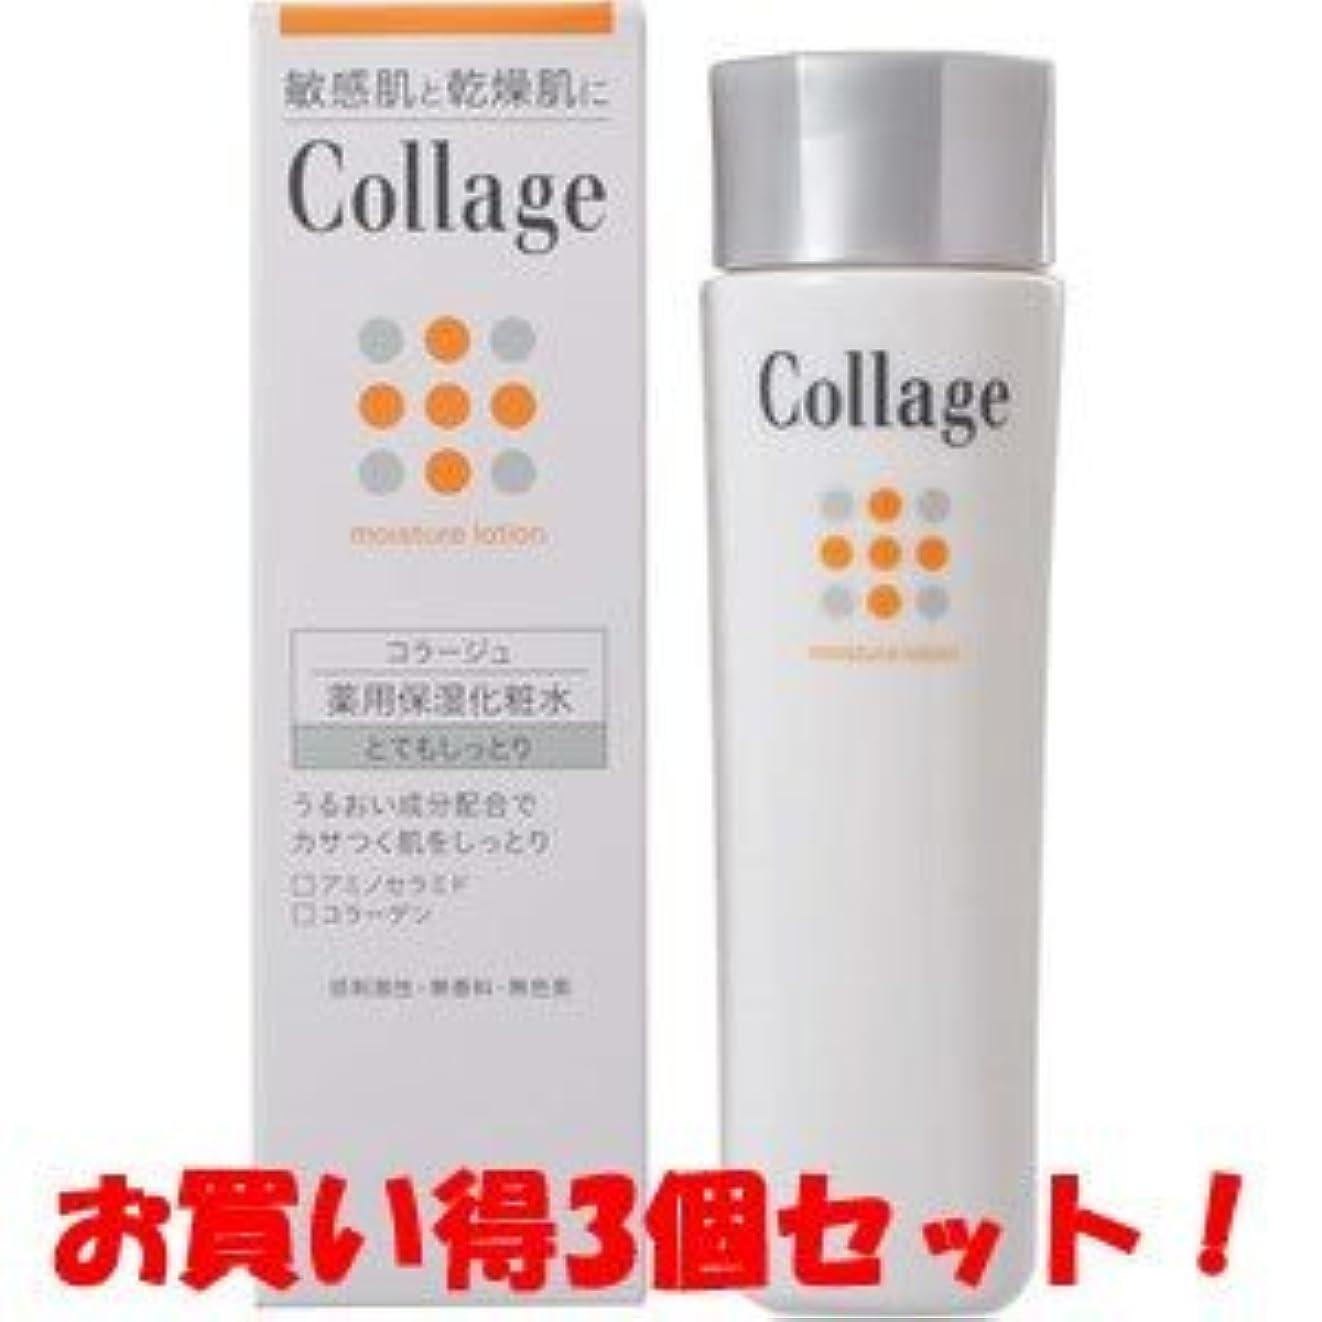 ピット海藻皮肉(持田ヘルスケア)コラージュ 薬用保湿化粧水 とてもしっとり 120ml(医薬部外品)(お買い得3個セット)